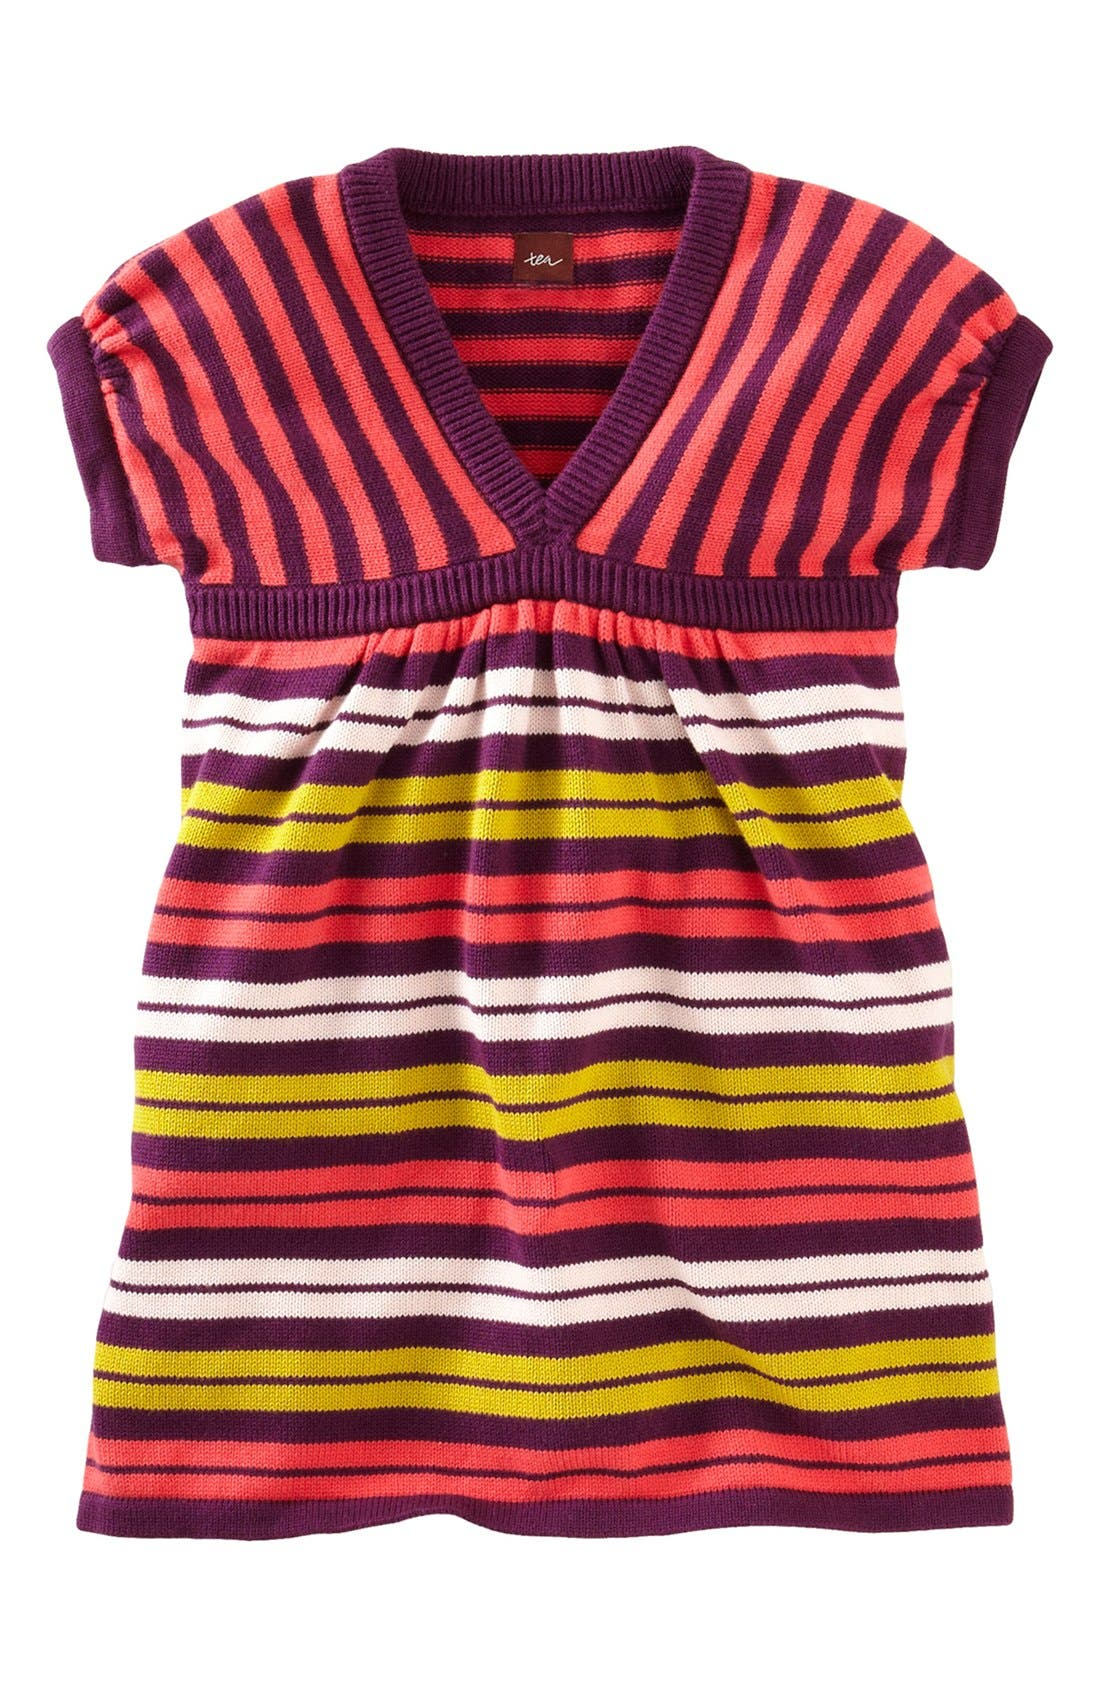 Main Image - Tea Collection 'Art Village' Sweater Dress (Little Girls & Big Girls)